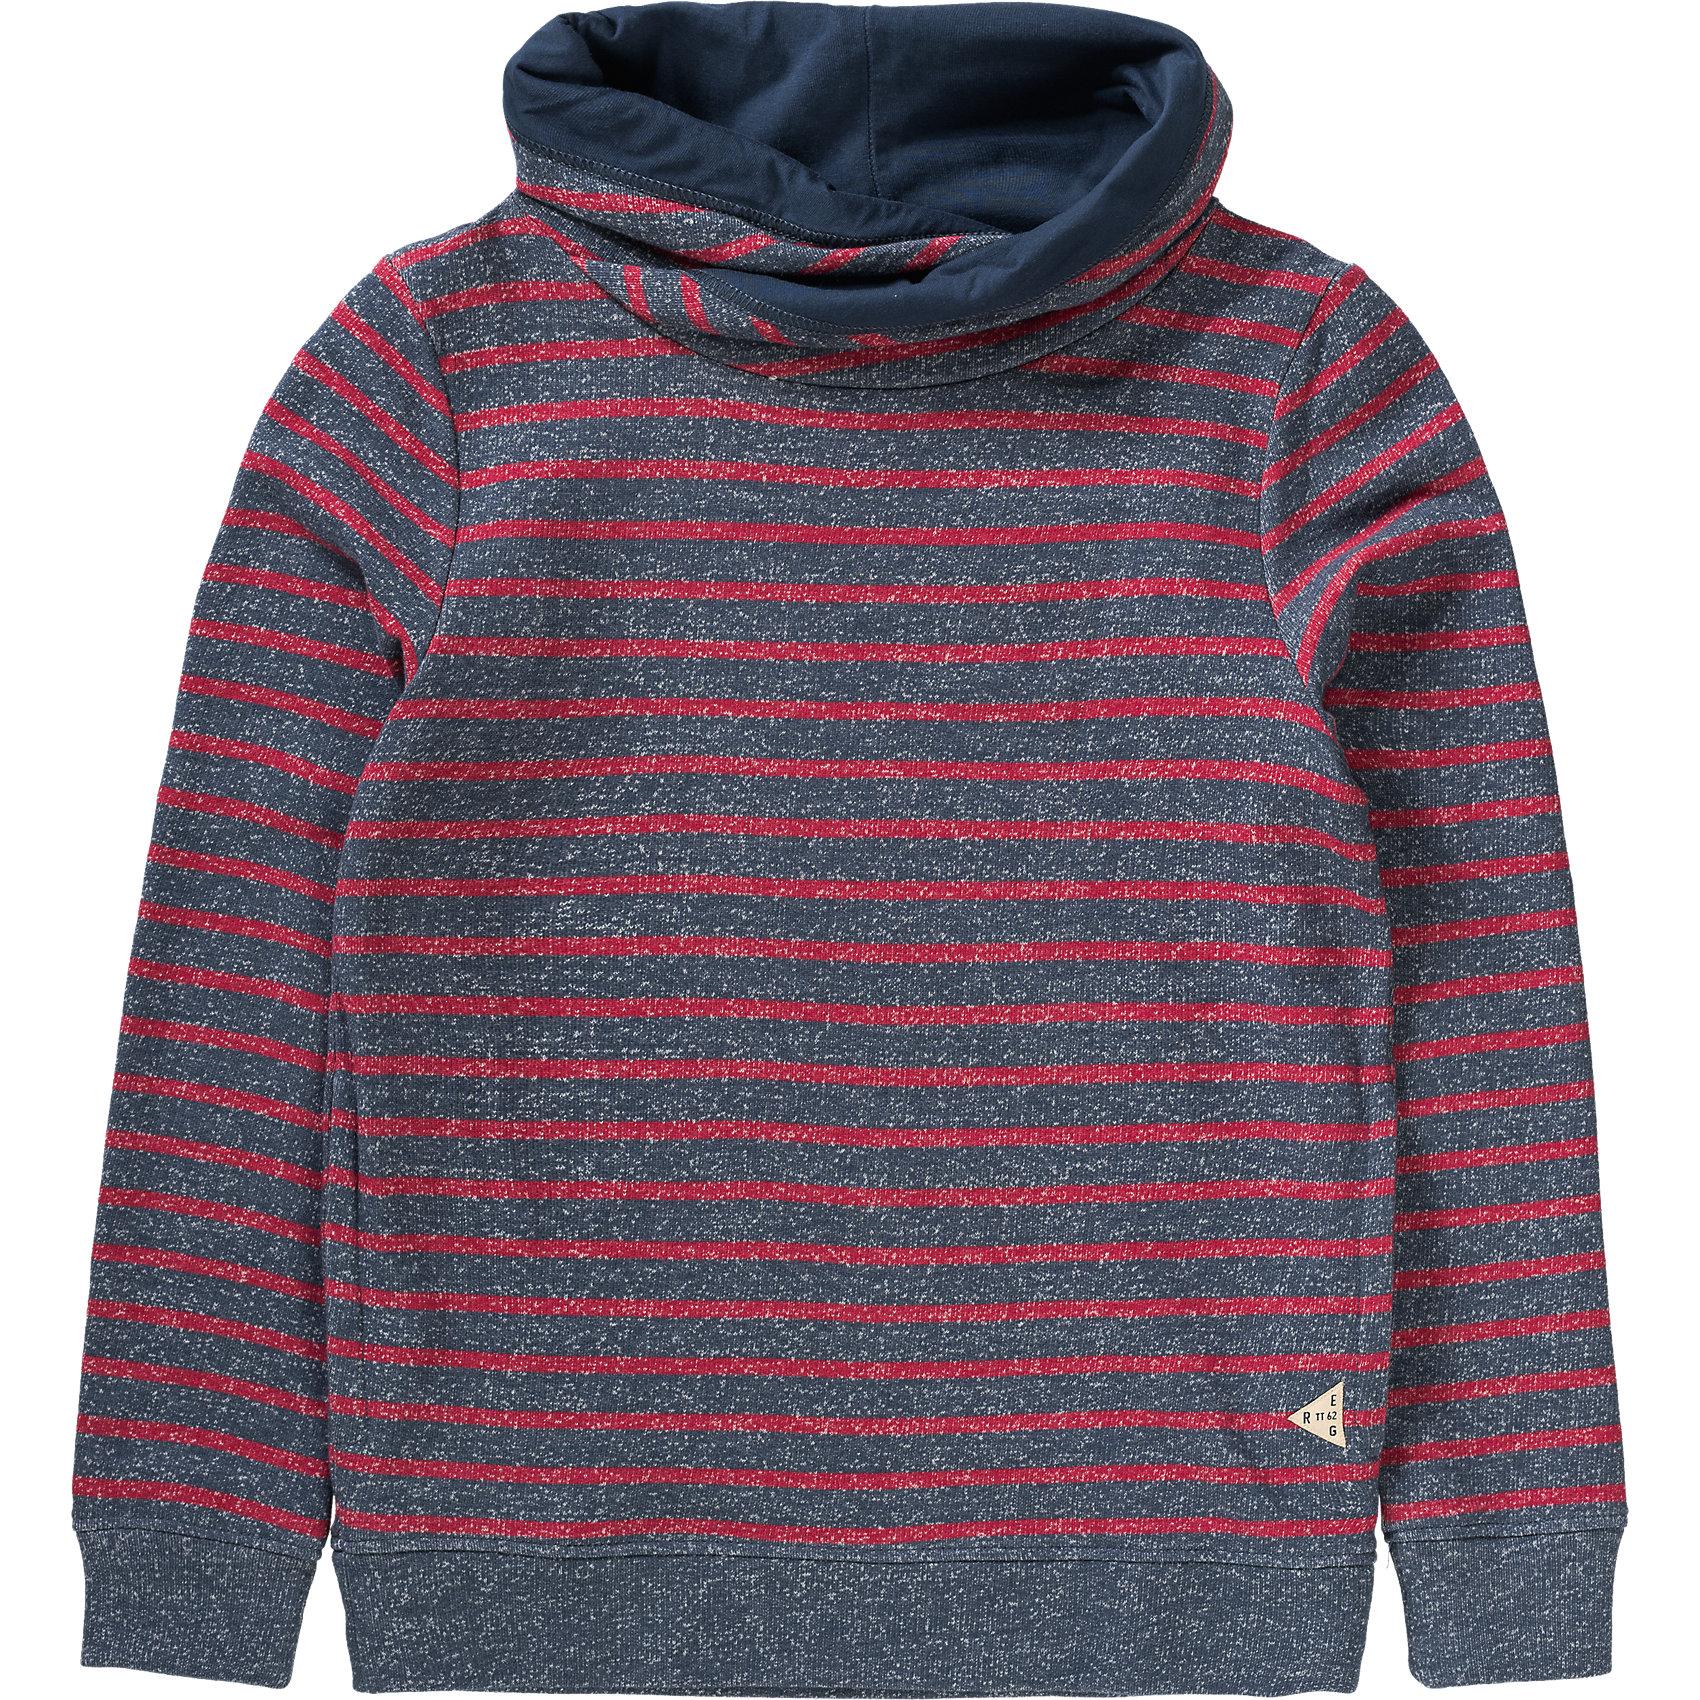 Neu TOM TAILOR Sweatshirt mit Schalkragen für Jungen 6061123 für ... 12d482e0d7